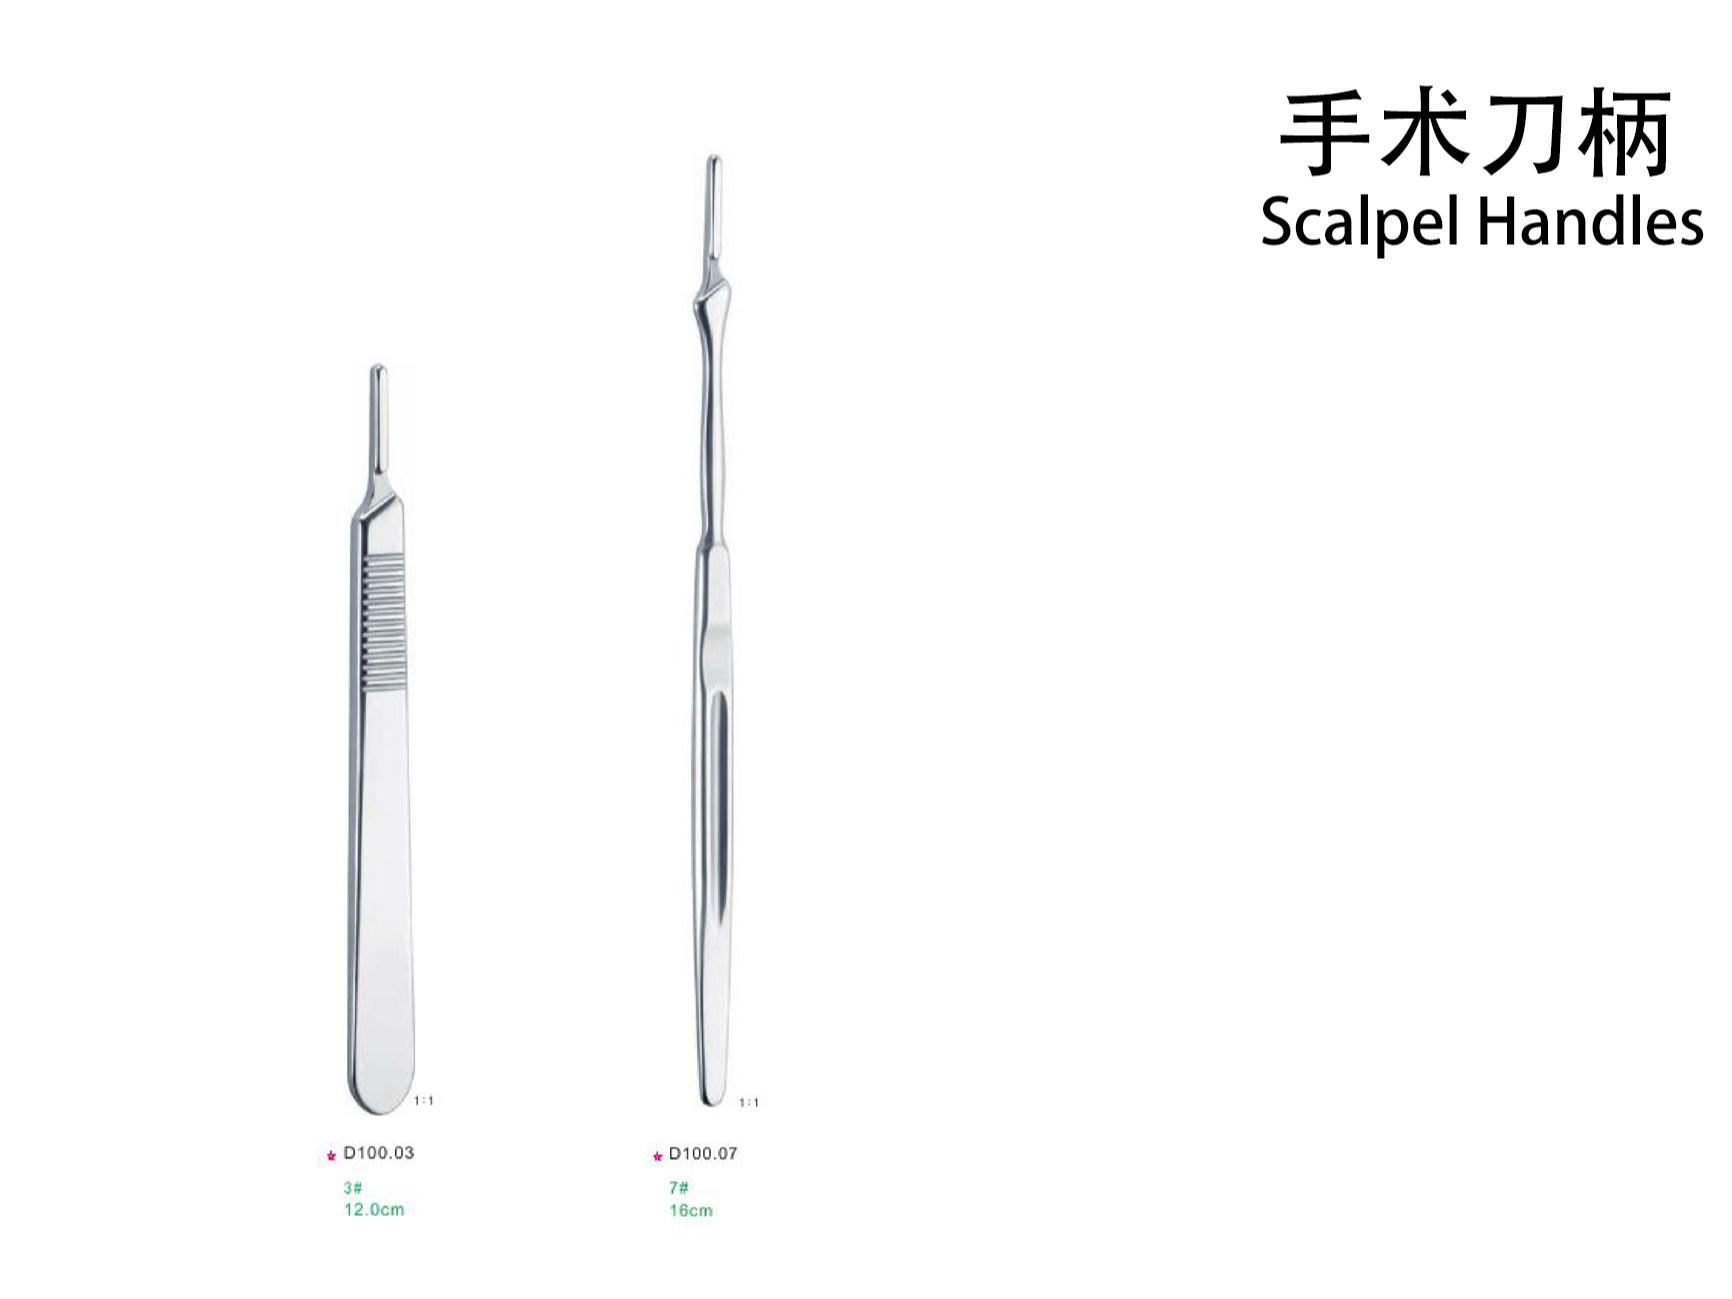 基础手术器械-手术刀柄